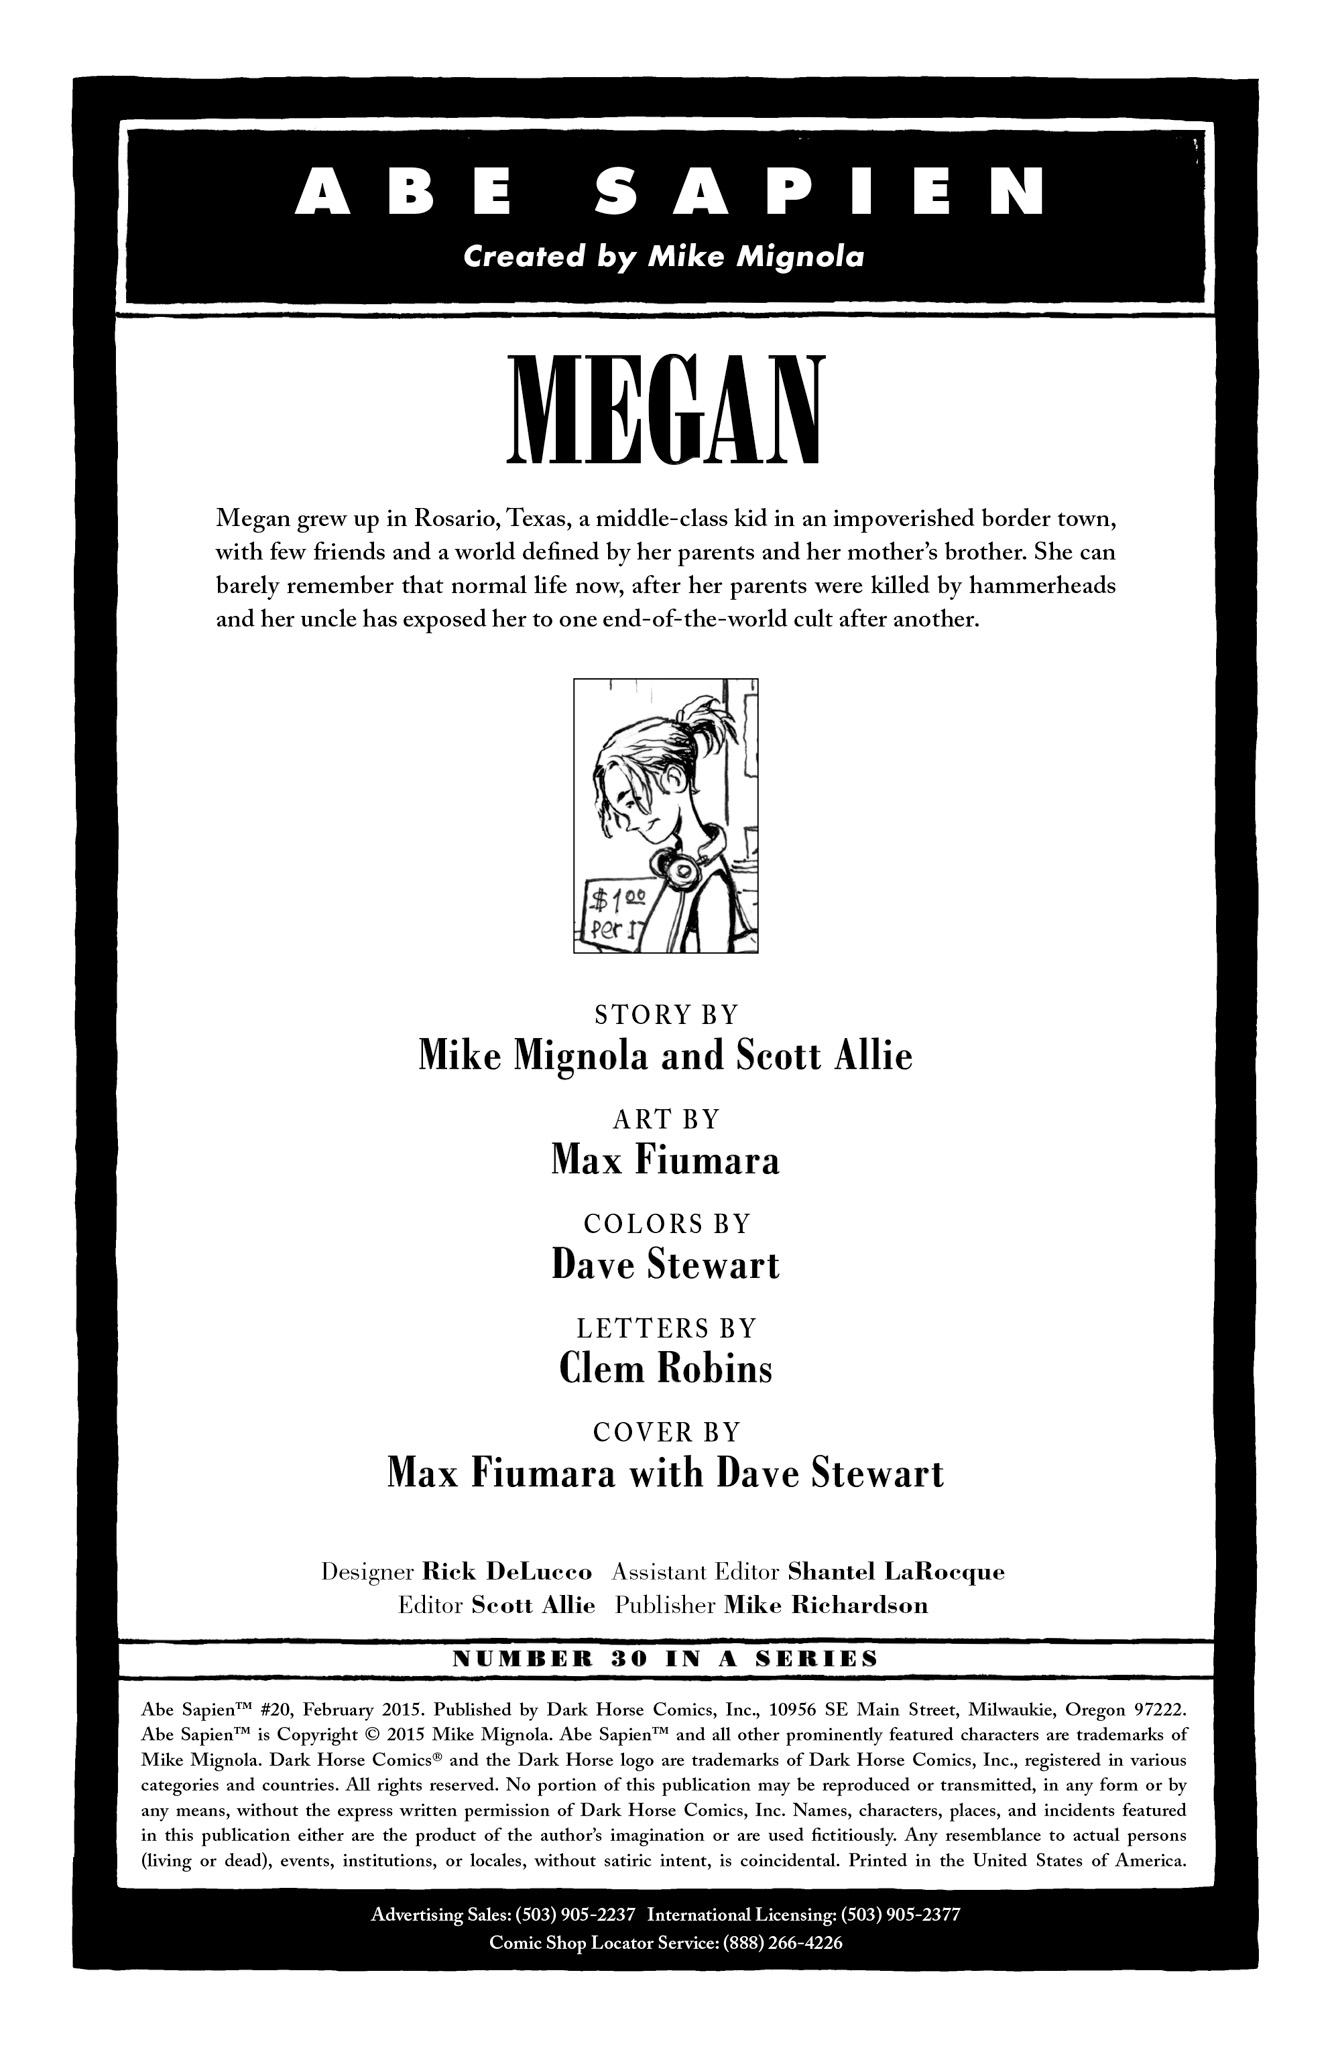 Read online Abe Sapien comic -  Issue #20 - 2